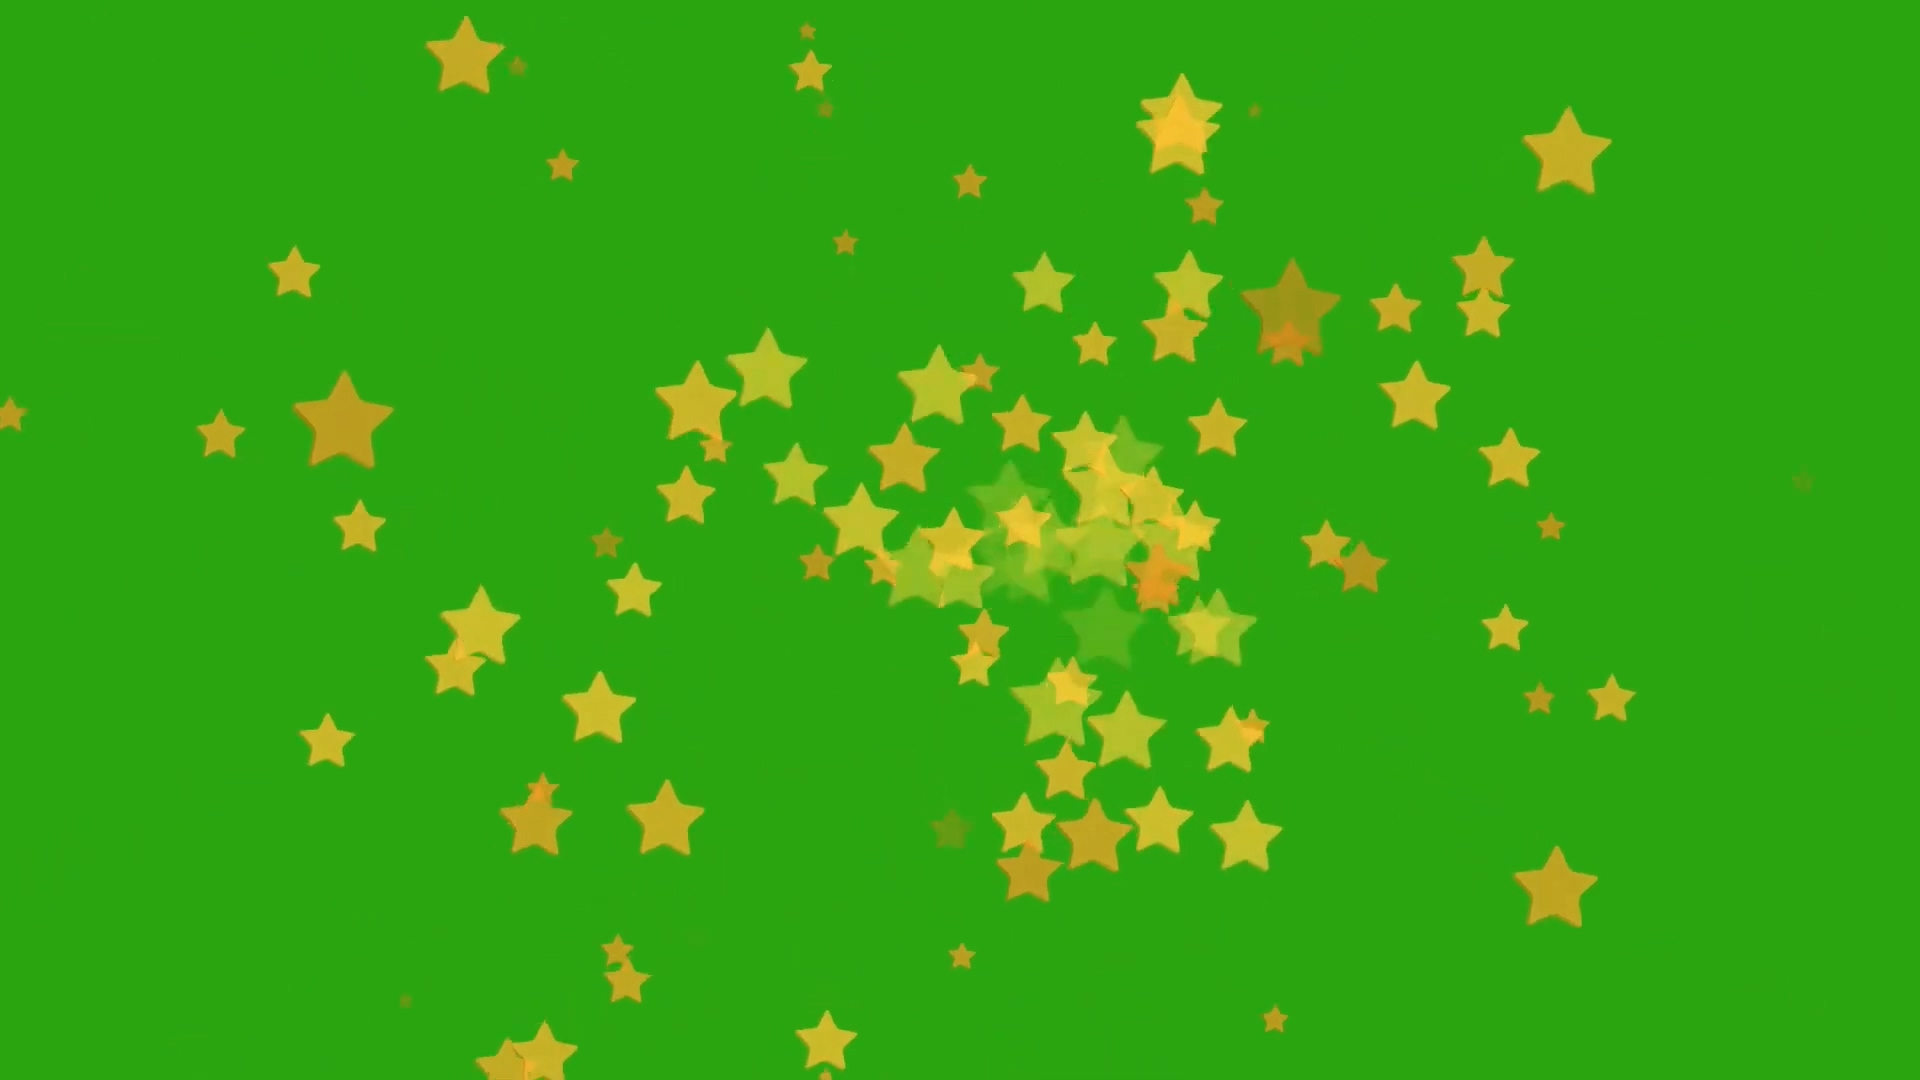 绿屏抠像金星绽放背景